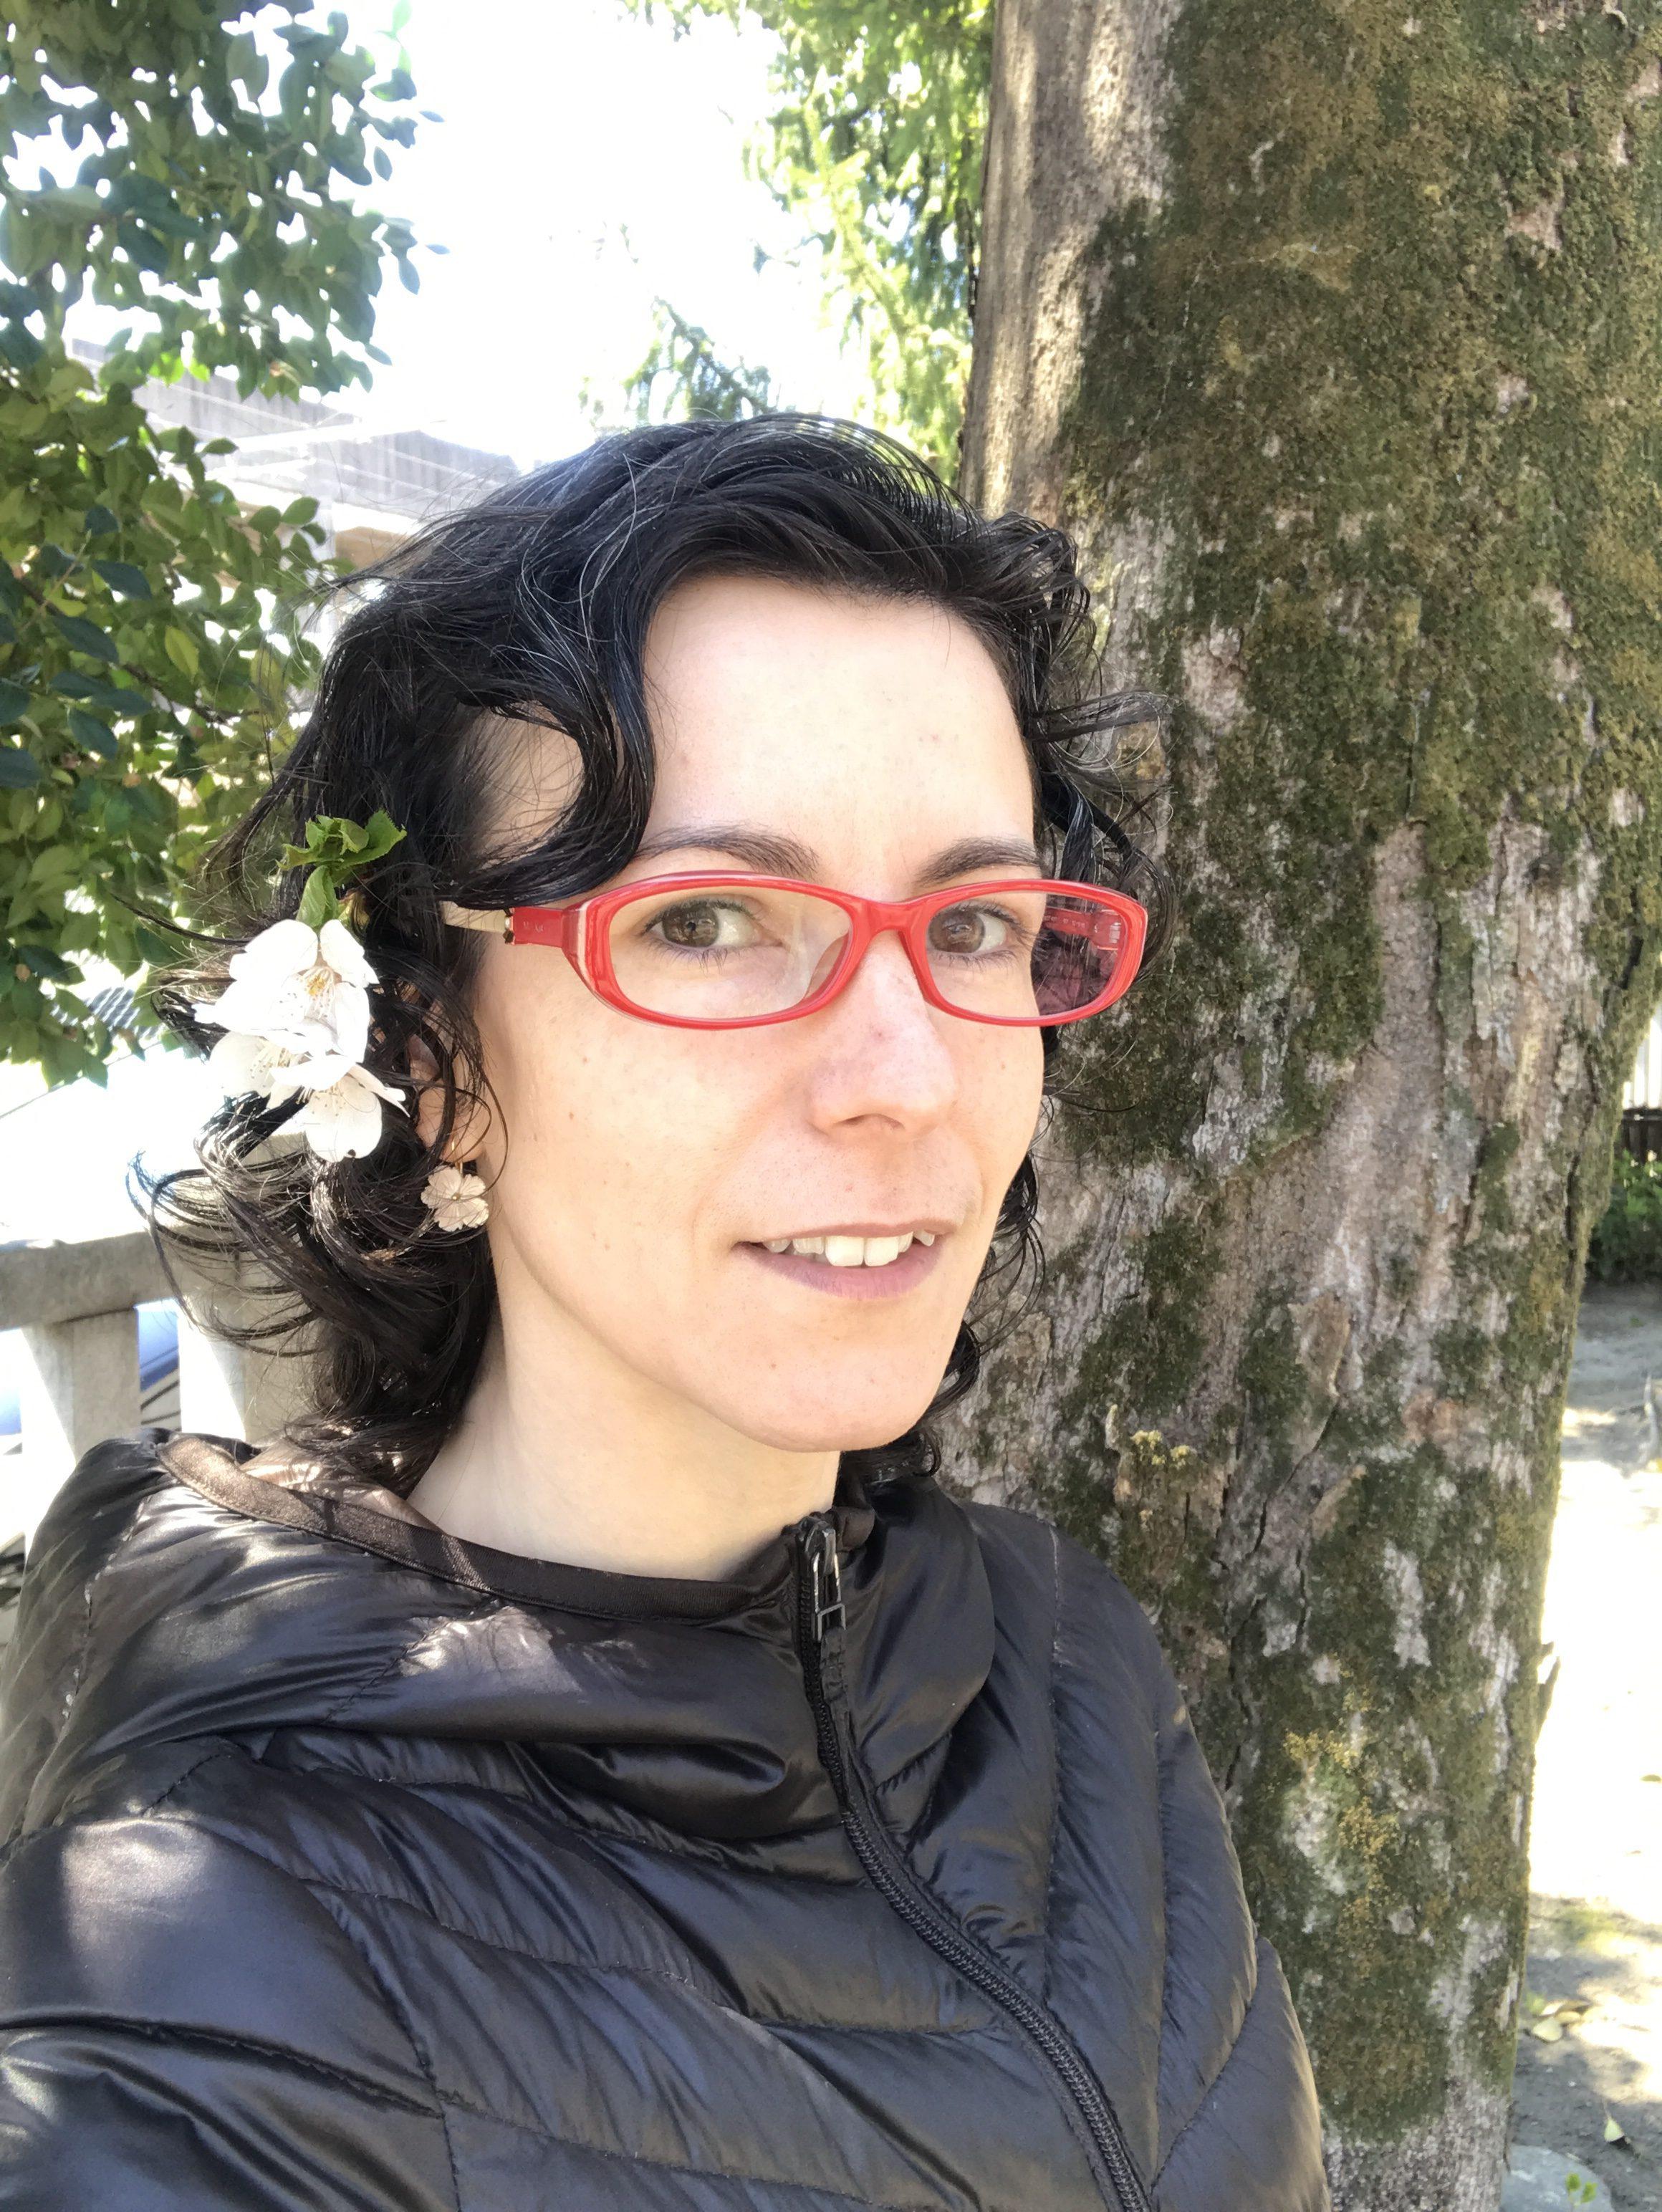 mujer con gafas rojas y flor de cerezo en la oreja